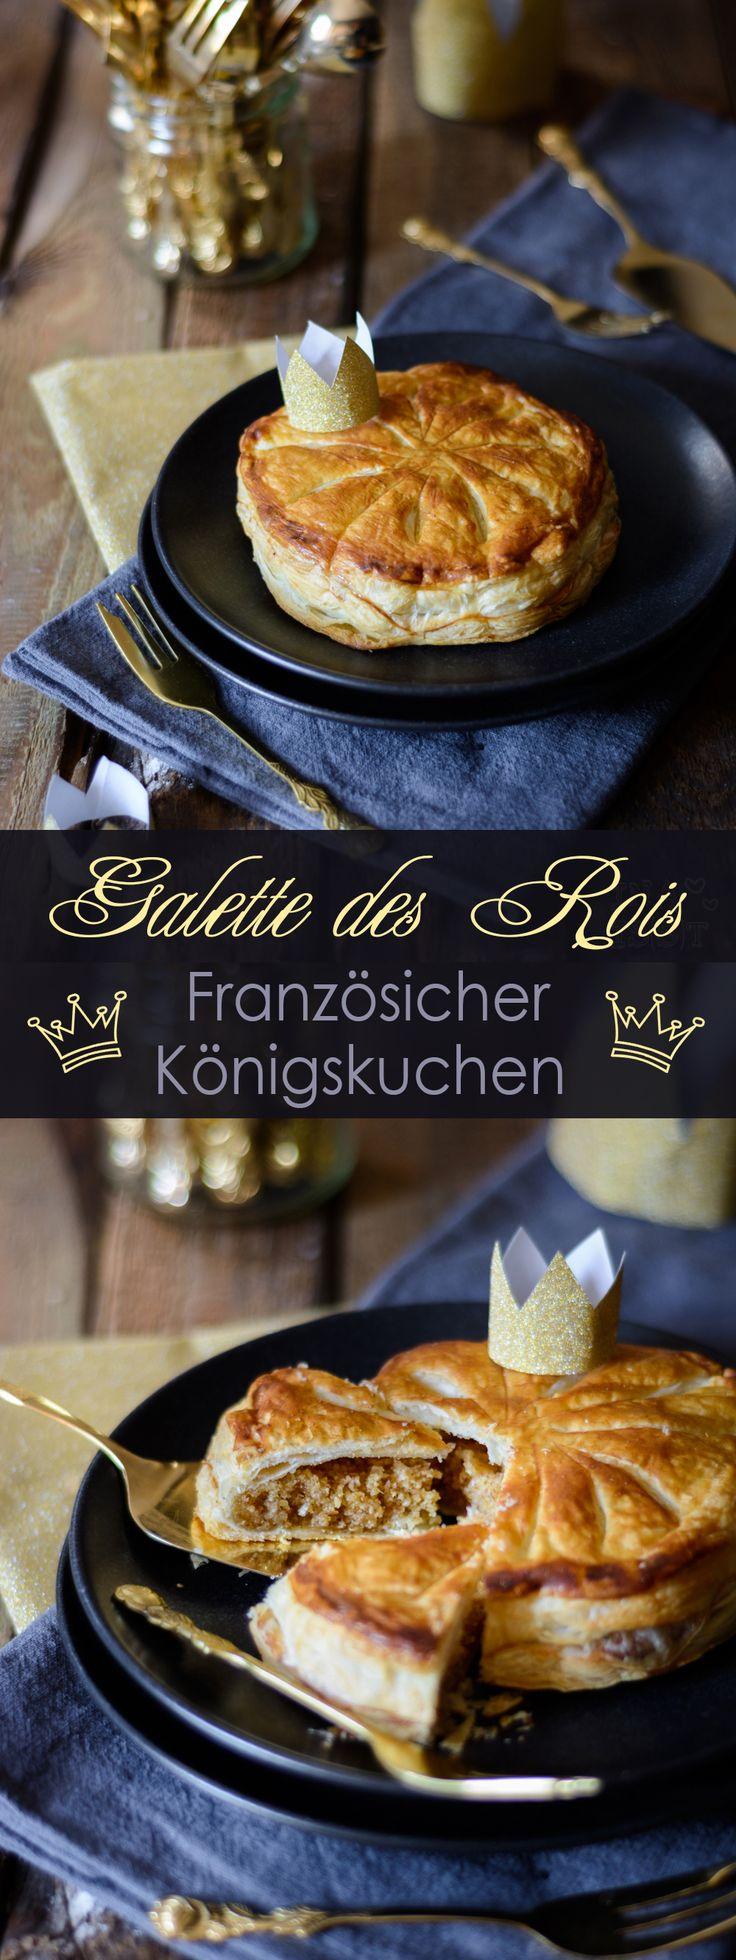 Galette des Rois - Französischer Königskuchen